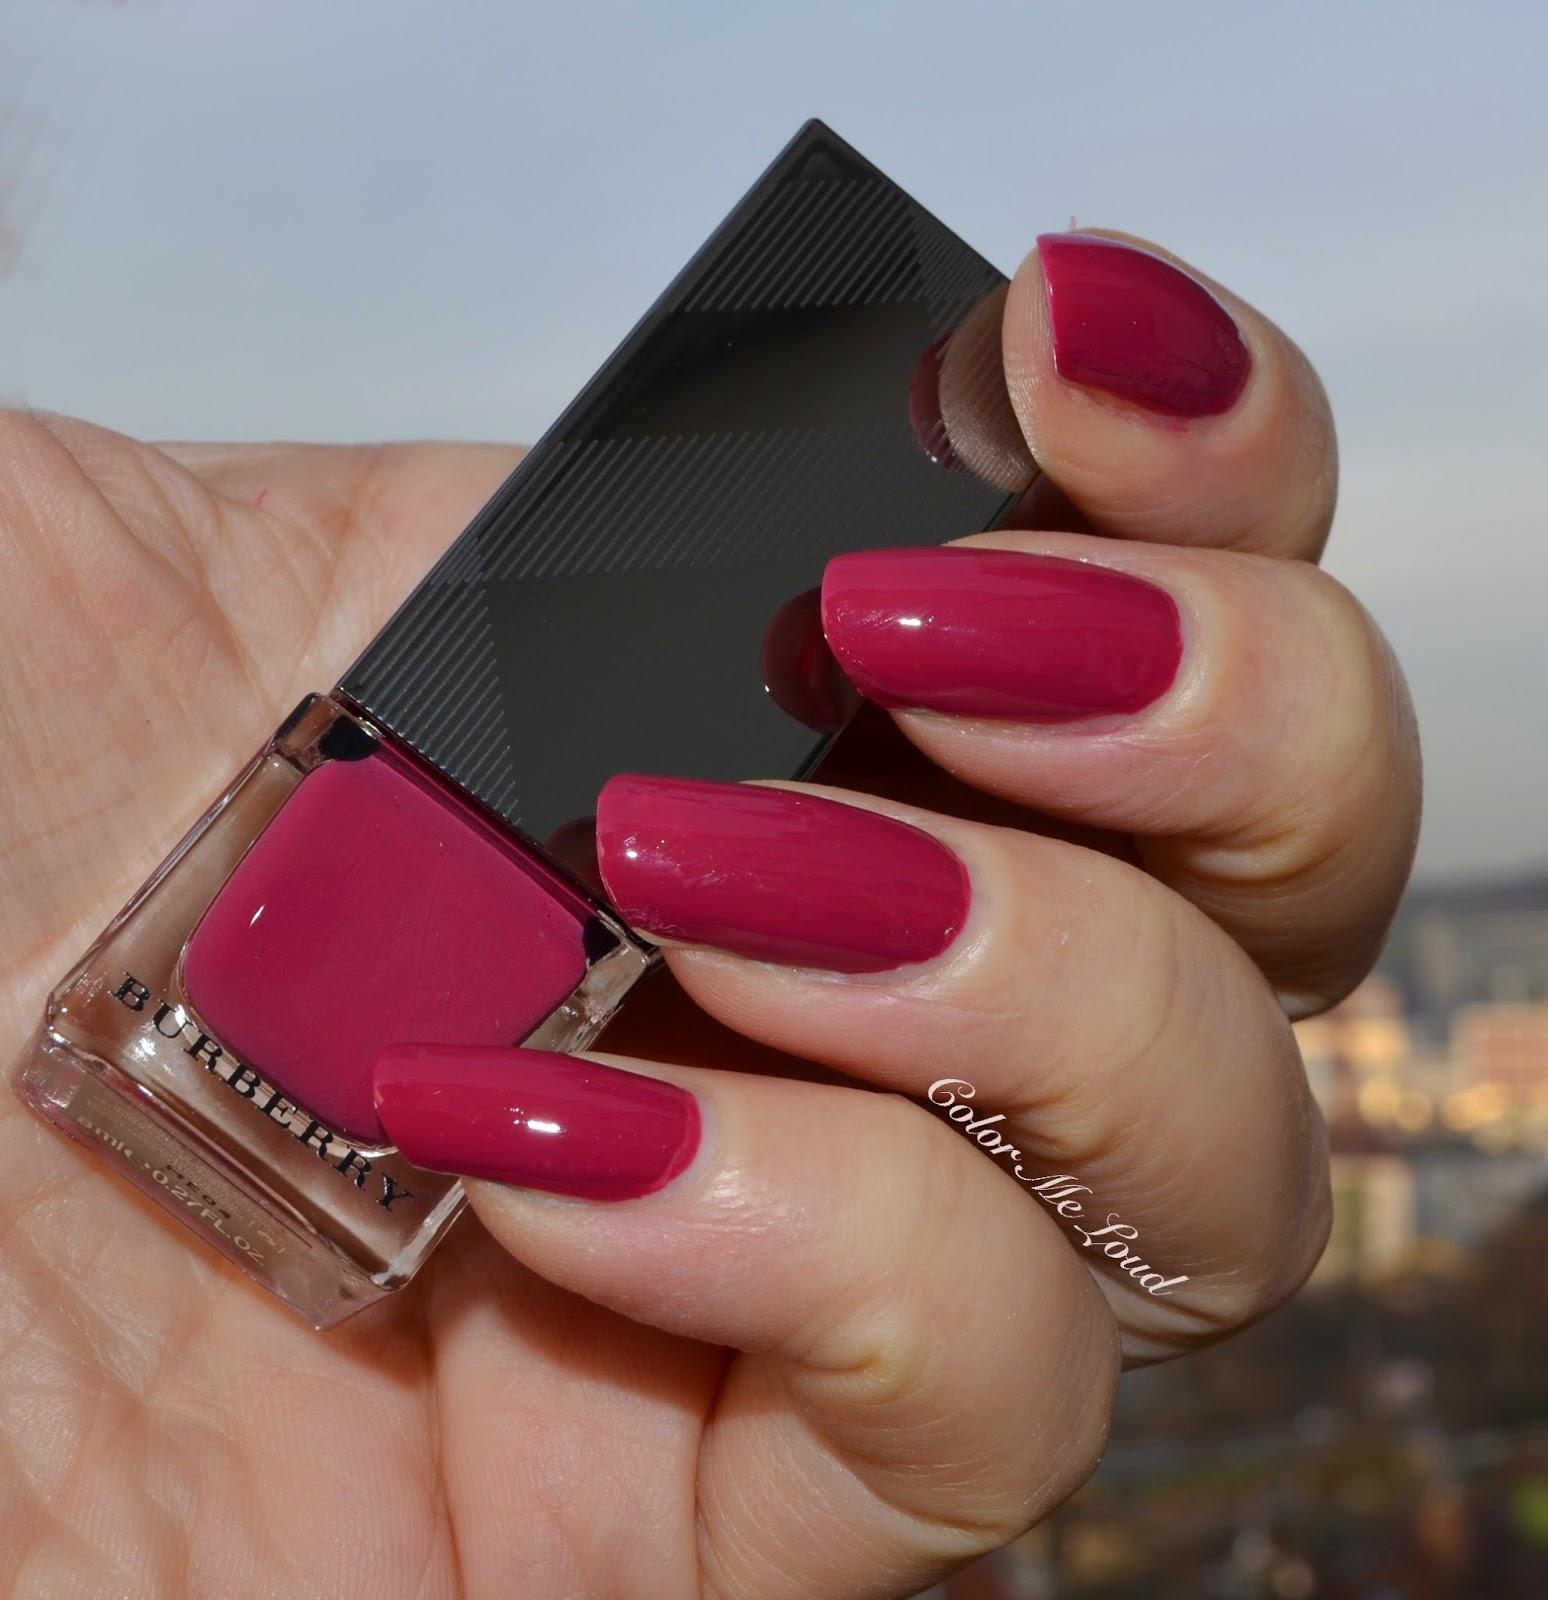 Burberry Nail Polish #223 Pink Azalea